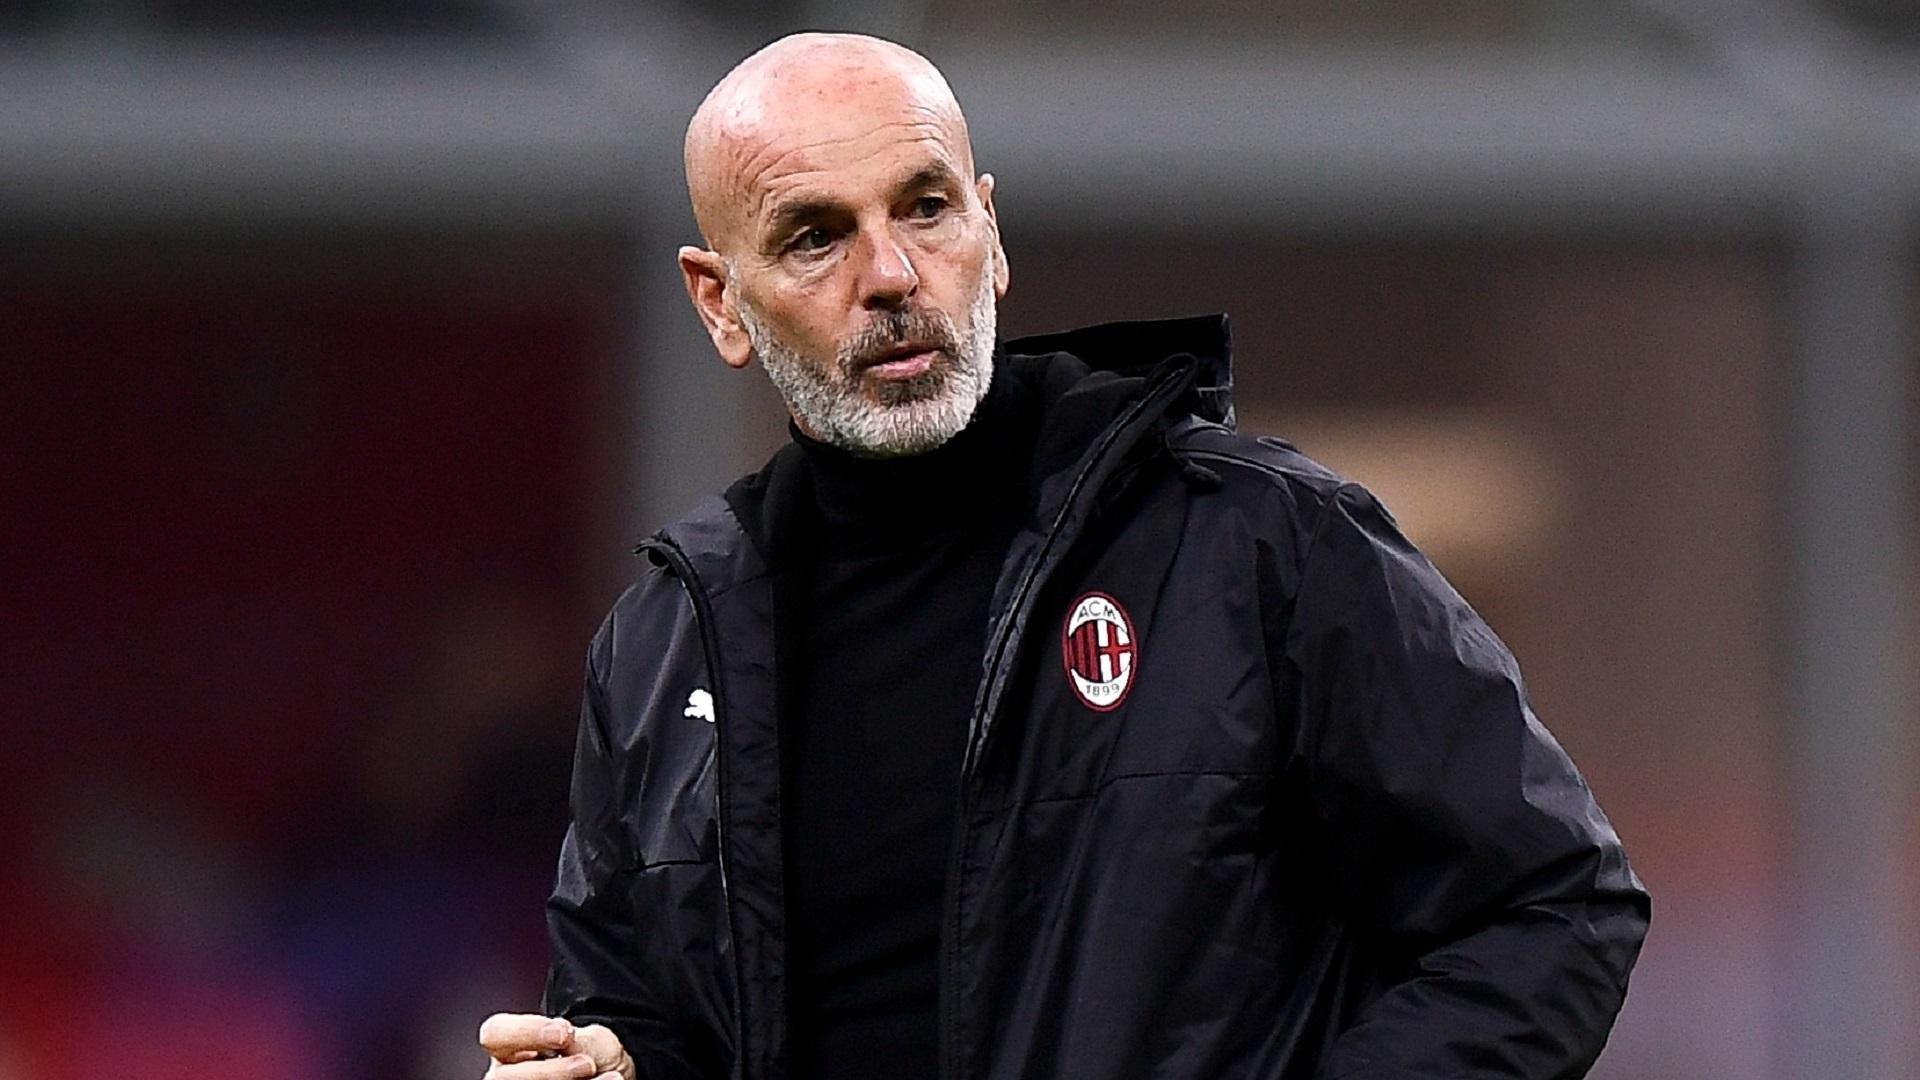 Chi allena il Milan contro il Napoli?